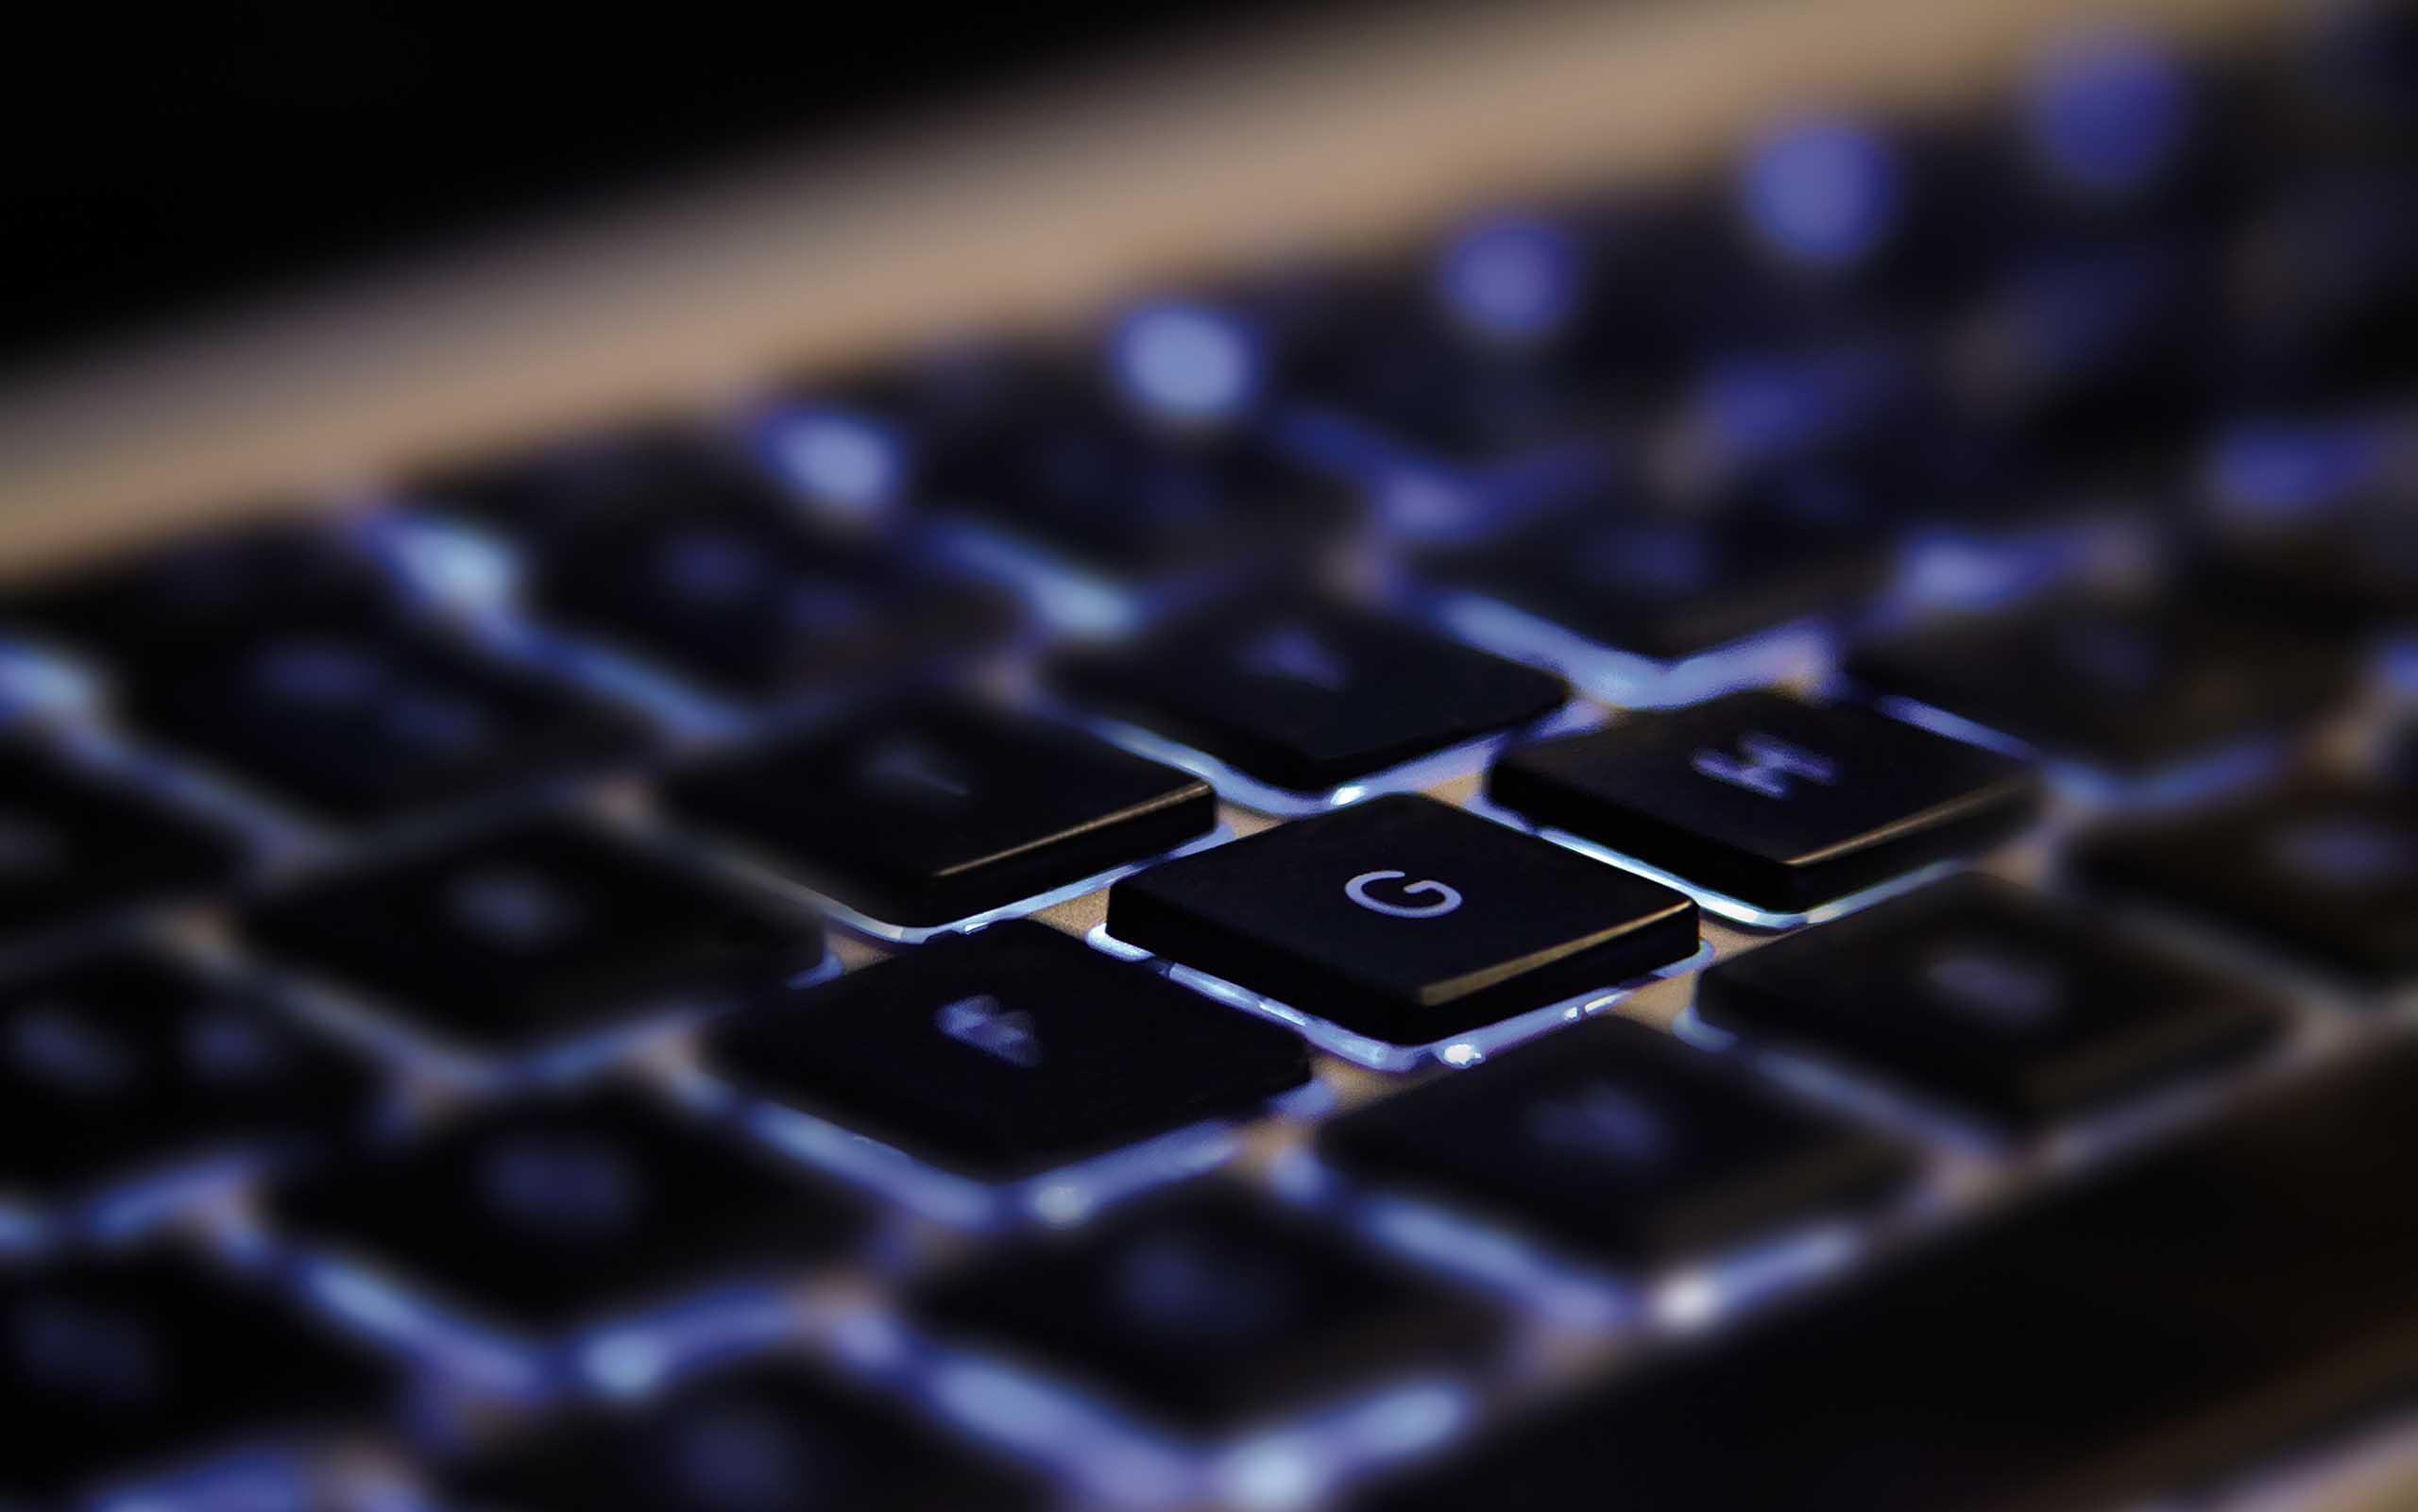 tastenkombination für englische tastatur